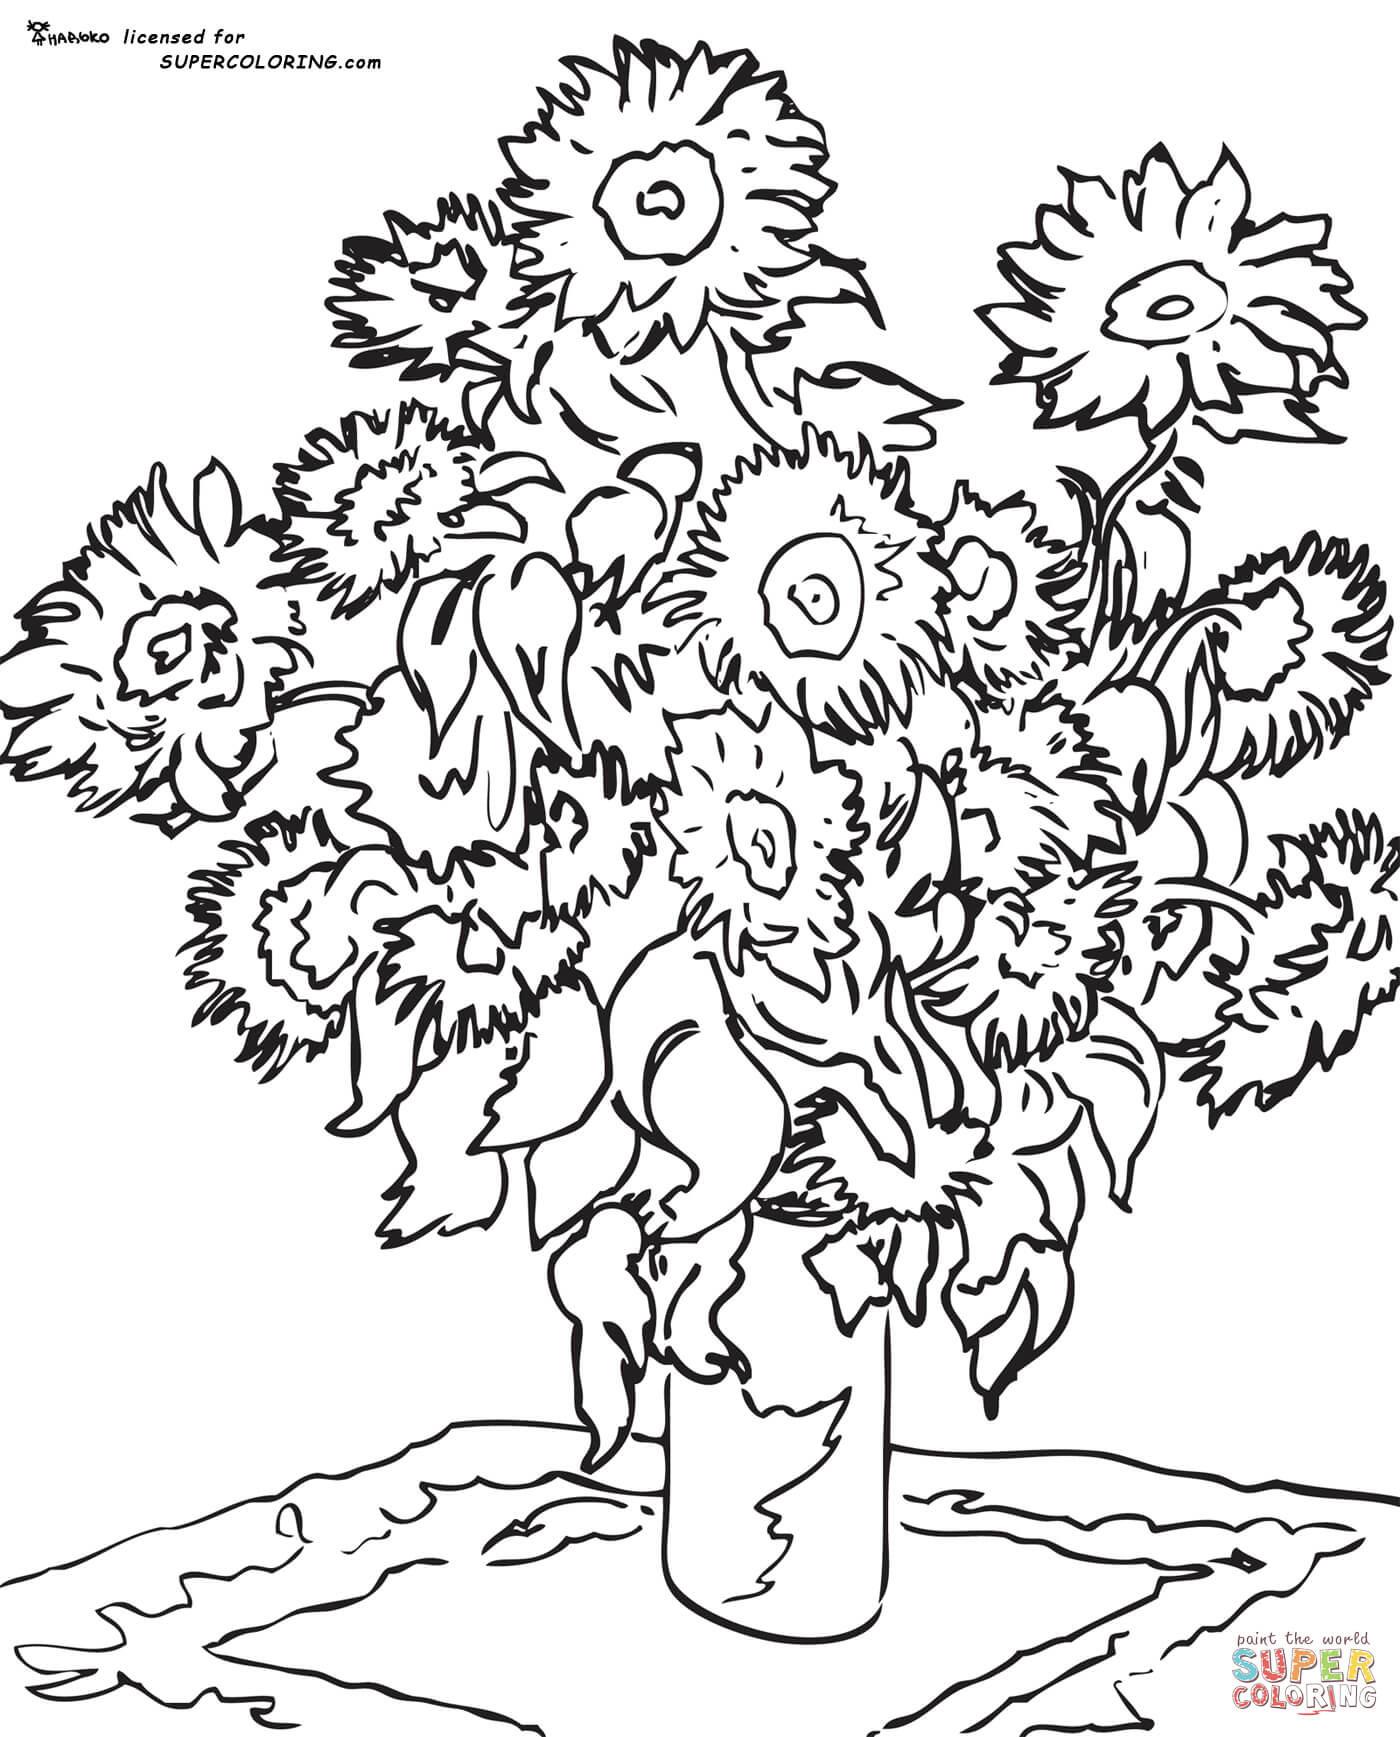 10 Lovable Vincent Van Gogh Vase with Twelve Sunflowers 2021 free download vincent van gogh vase with twelve sunflowers of van gogh sunflowers coloring page 2787748 in coloring page of vincent van goghs self portrait letmecolor